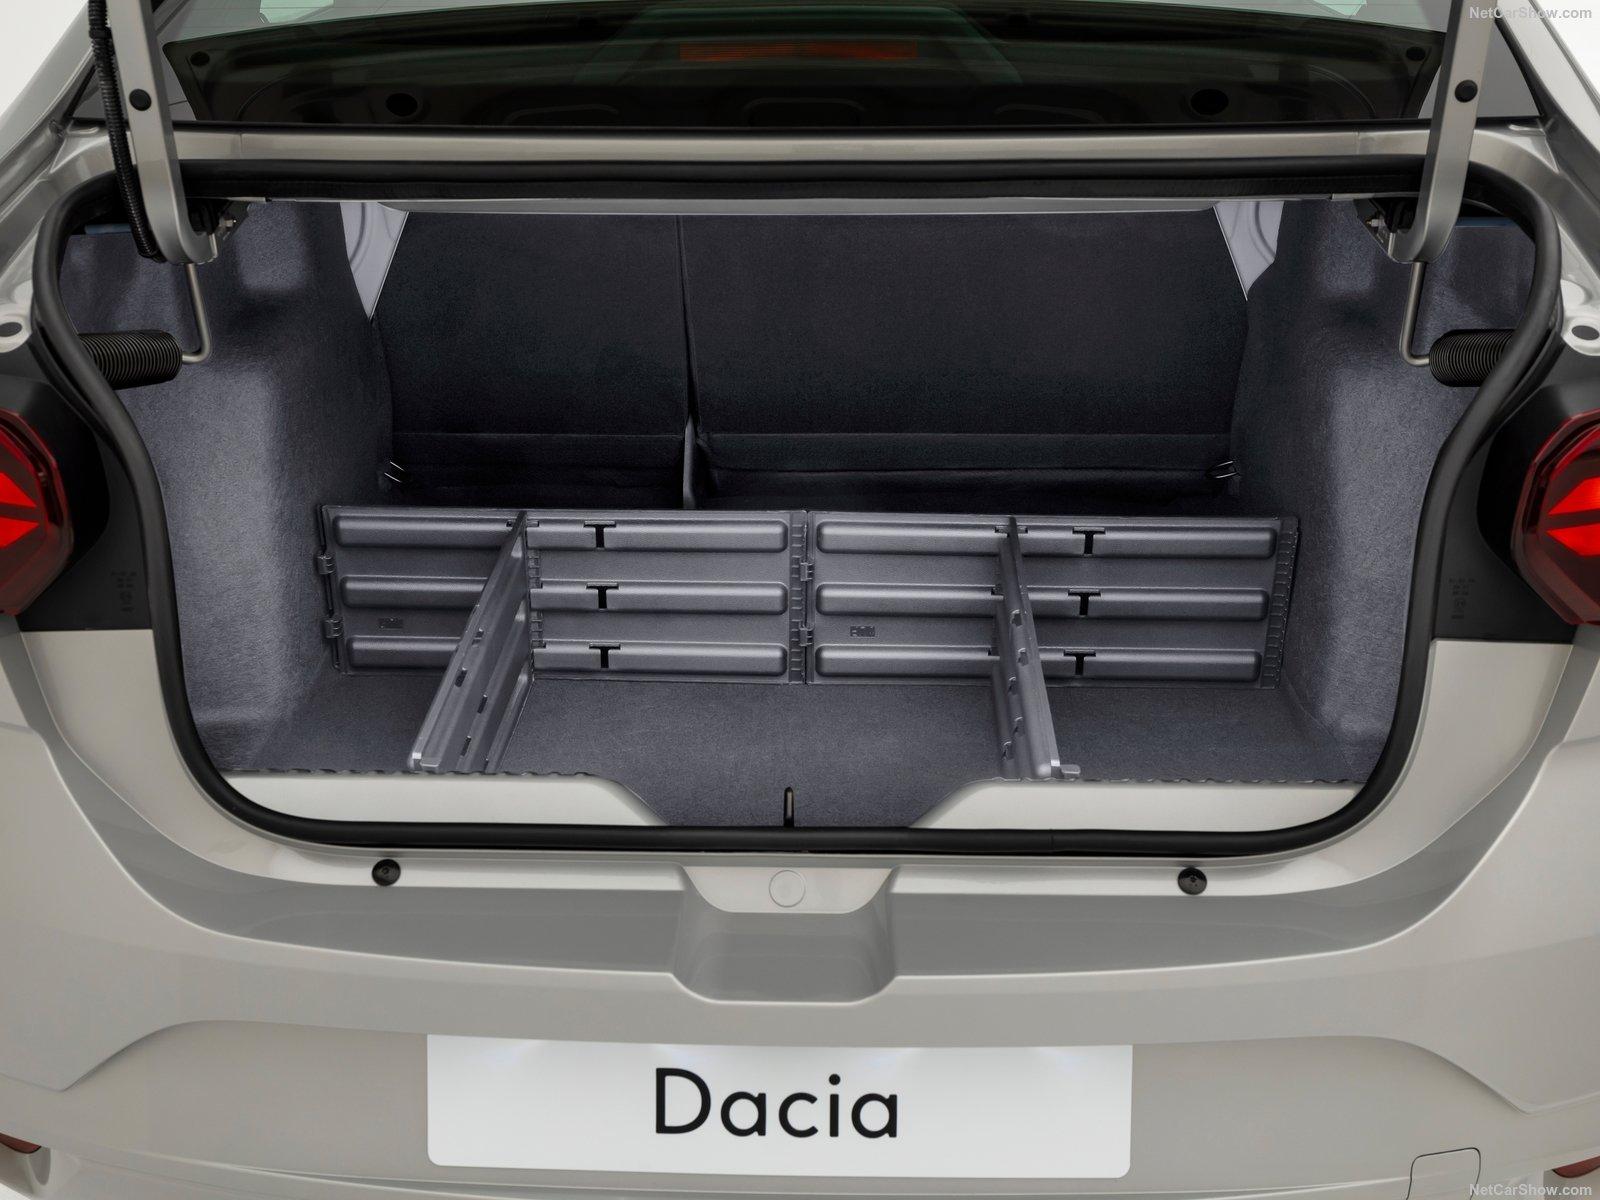 Dacia-Logan-2021-1600-11